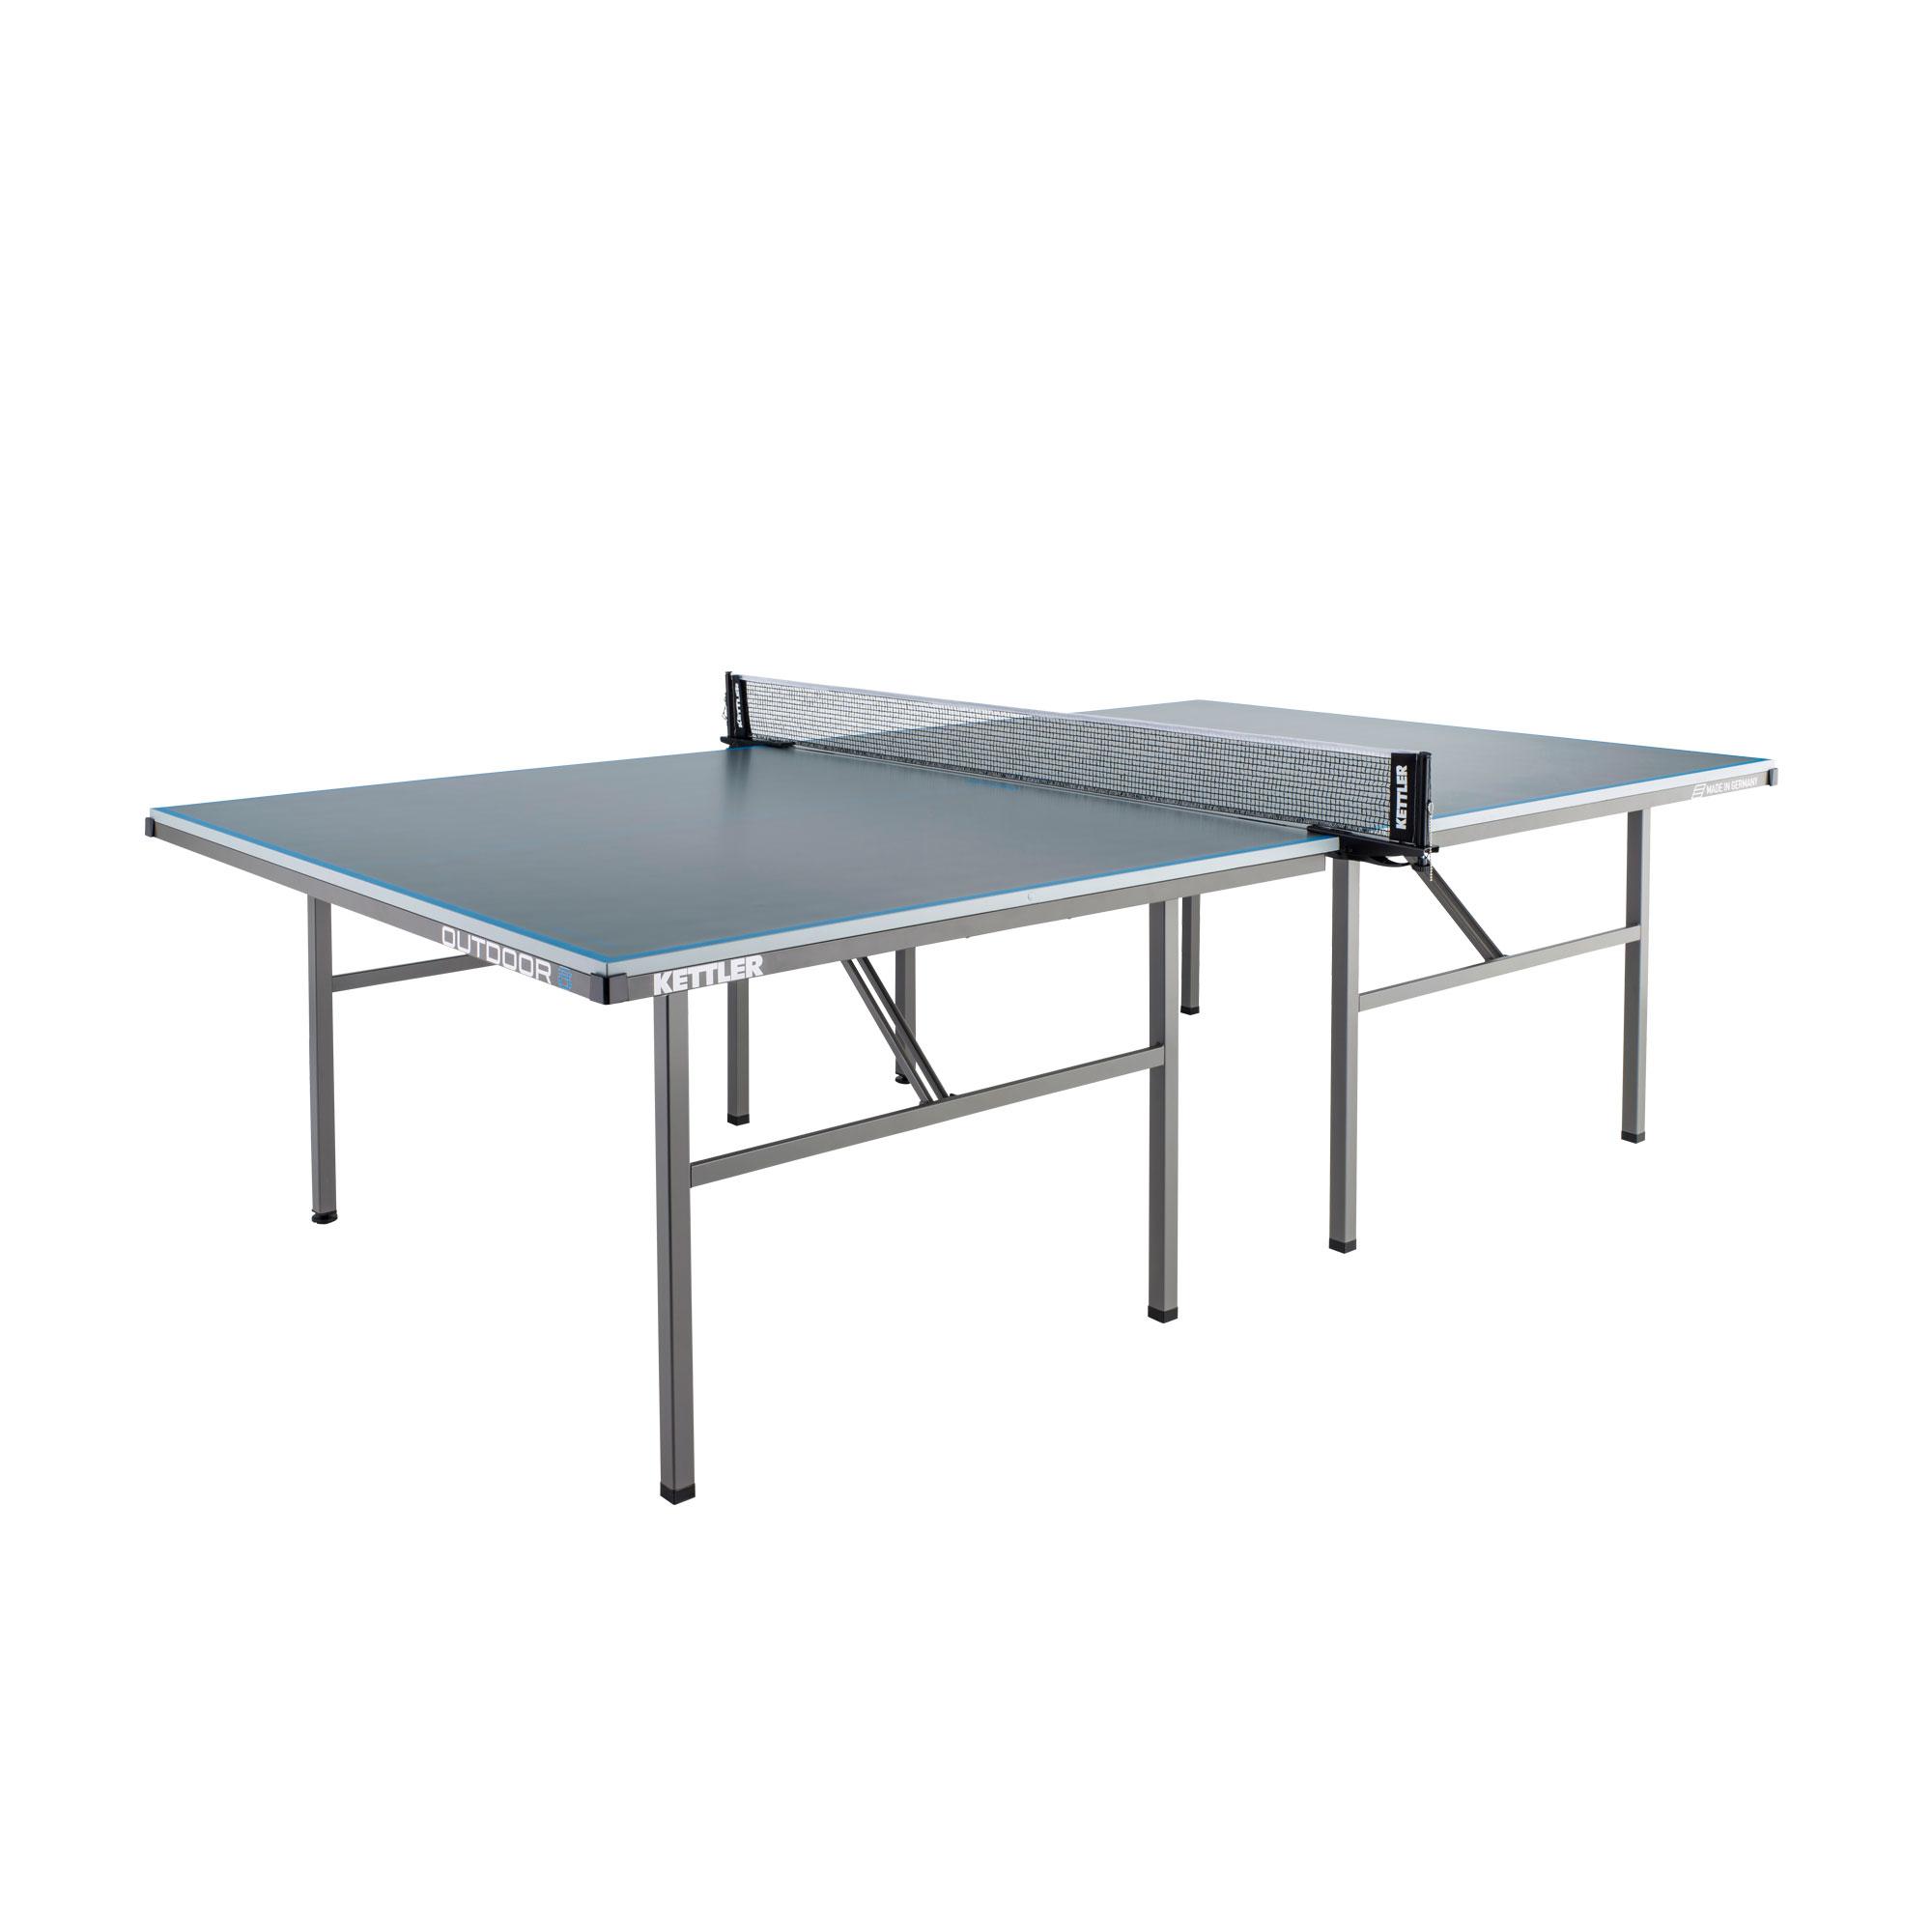 Pingpongový stůl venkovní KETTLER OUTDOOR 8 + rozšířená záruka 60 měsíců ZDARMA